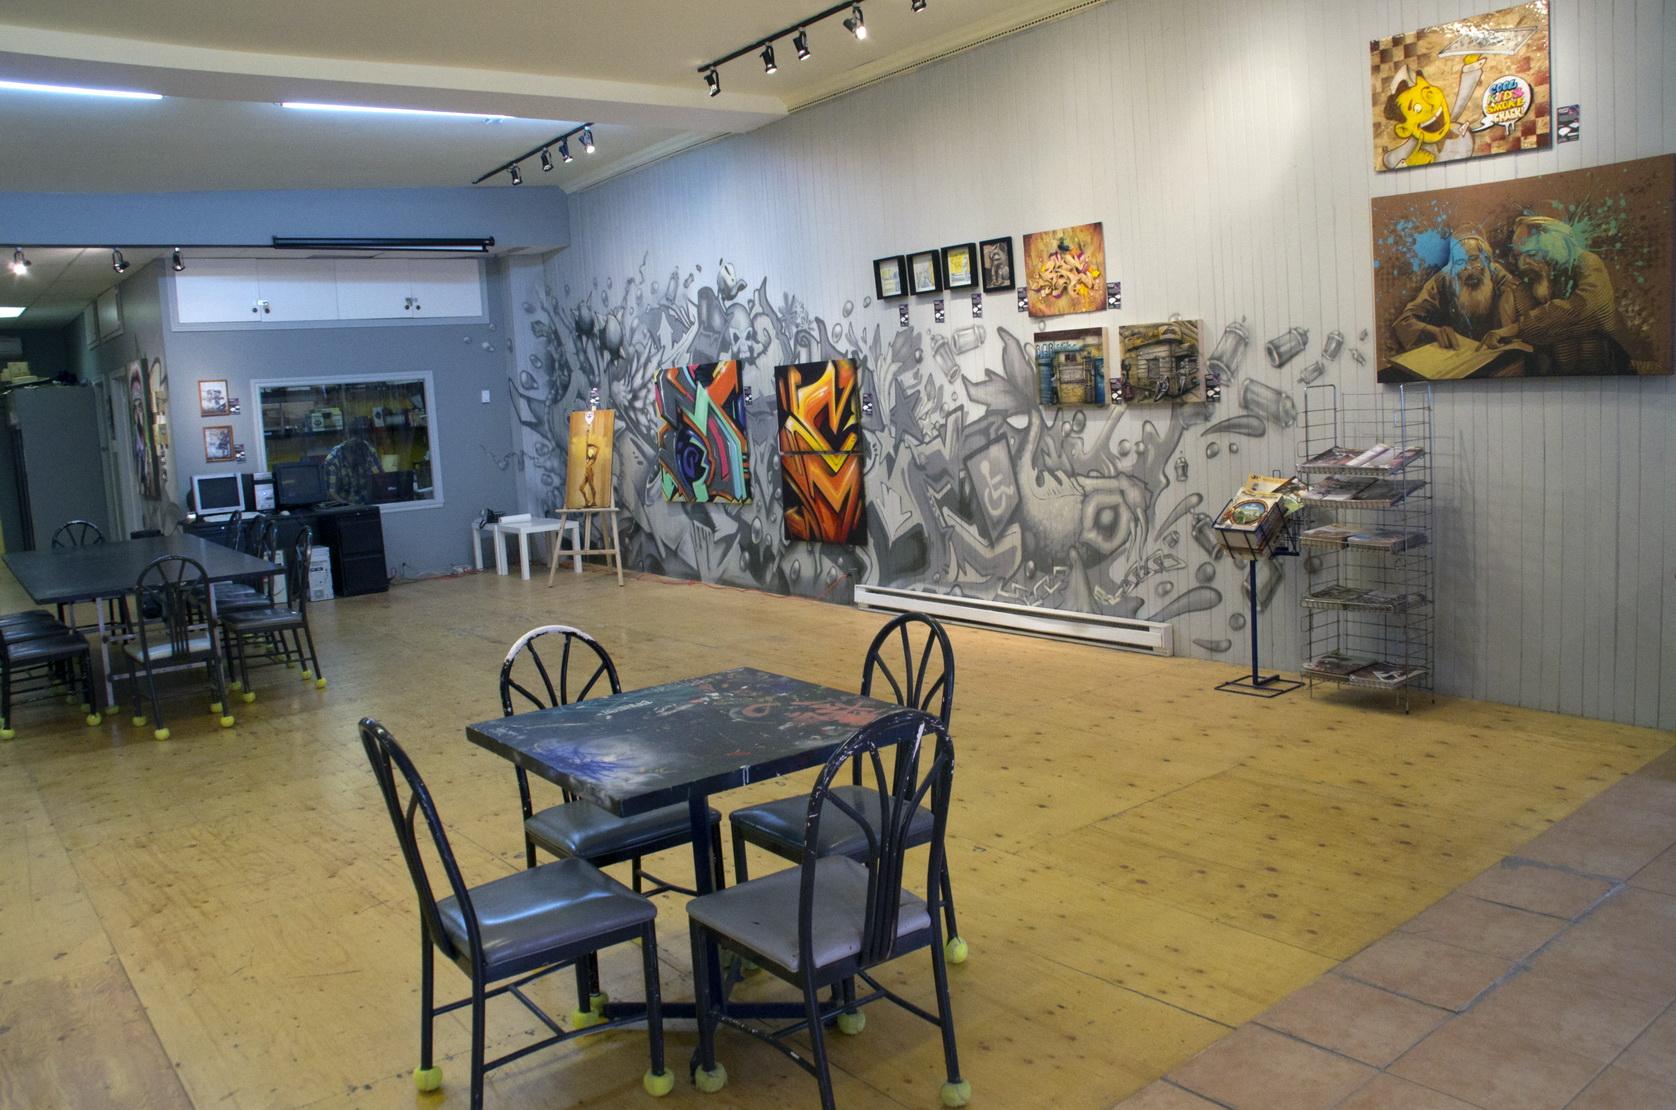 De l art de la rue aux vernissages les beaut s de montr al for Home decor 86th street